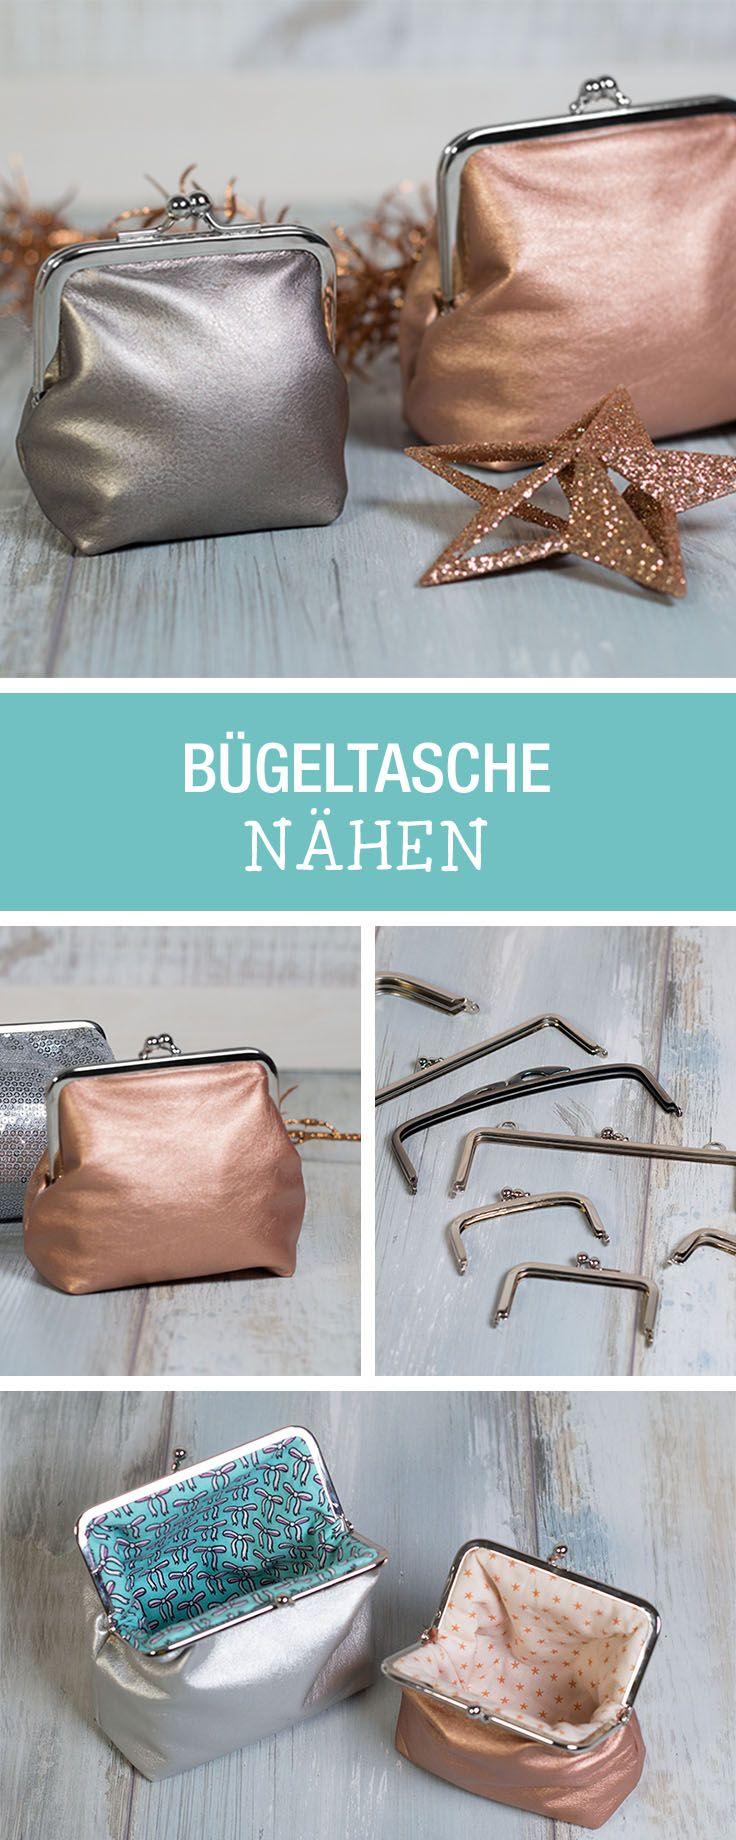 Nähen für Silvester: Taschen mit Bügelverschluss nähen / sewing little clutches with brackets via DaWanda.com